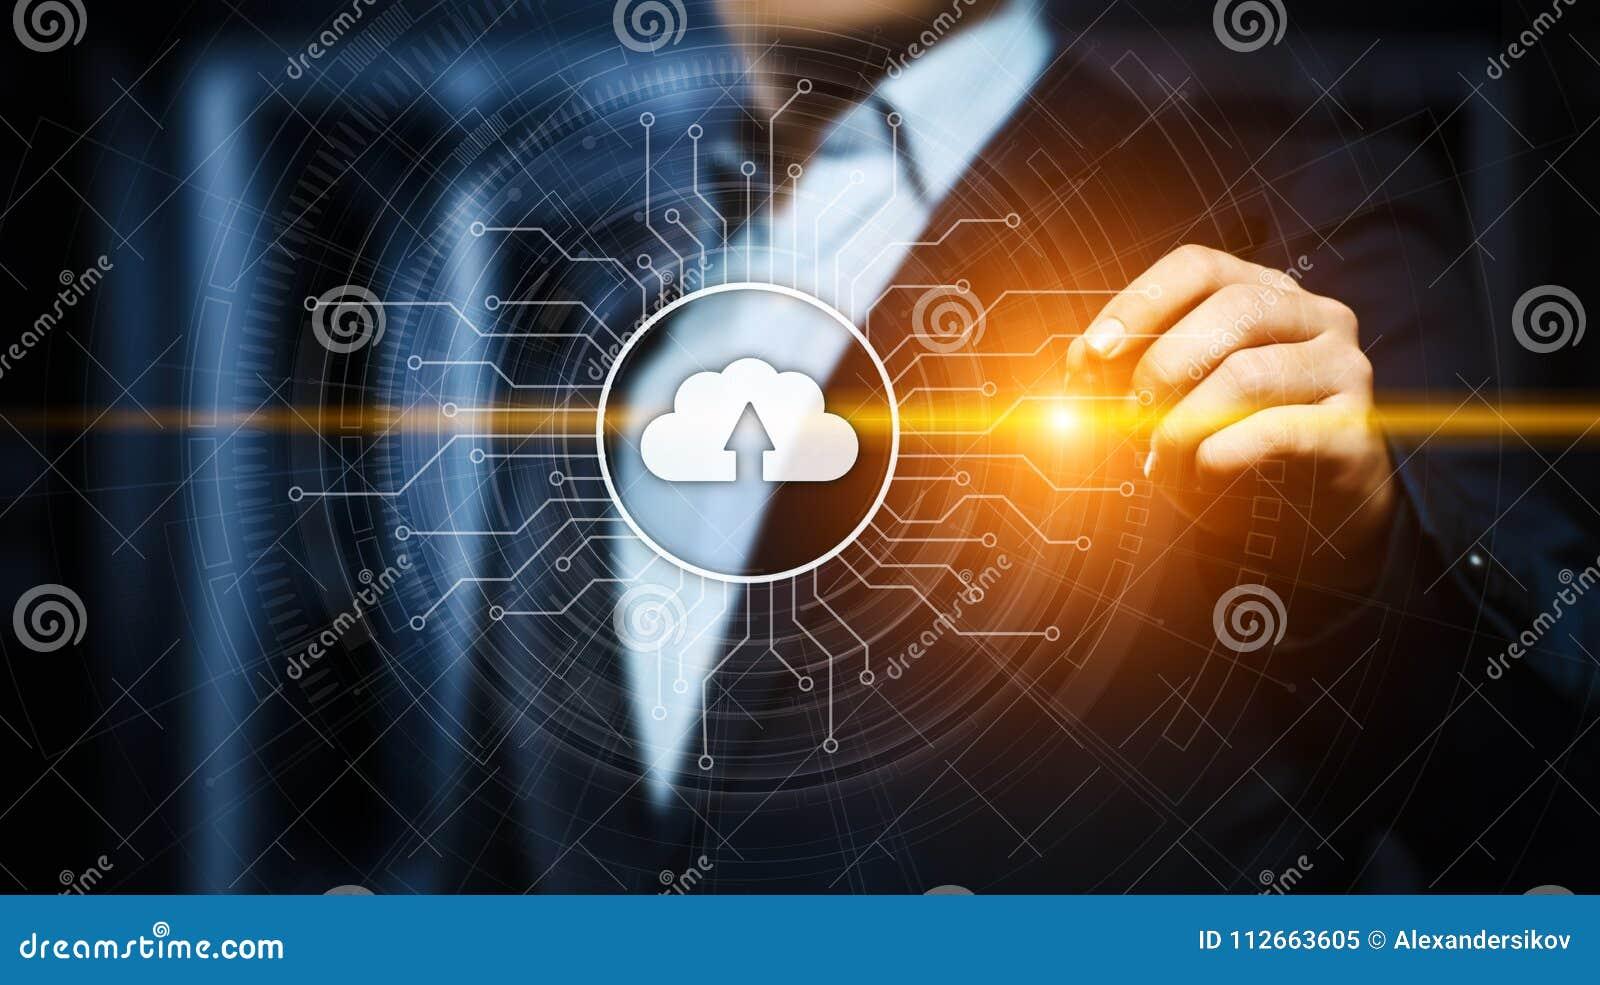 Wolken-Komputertechnologie-Internet-Speicher-Netz-Konzept